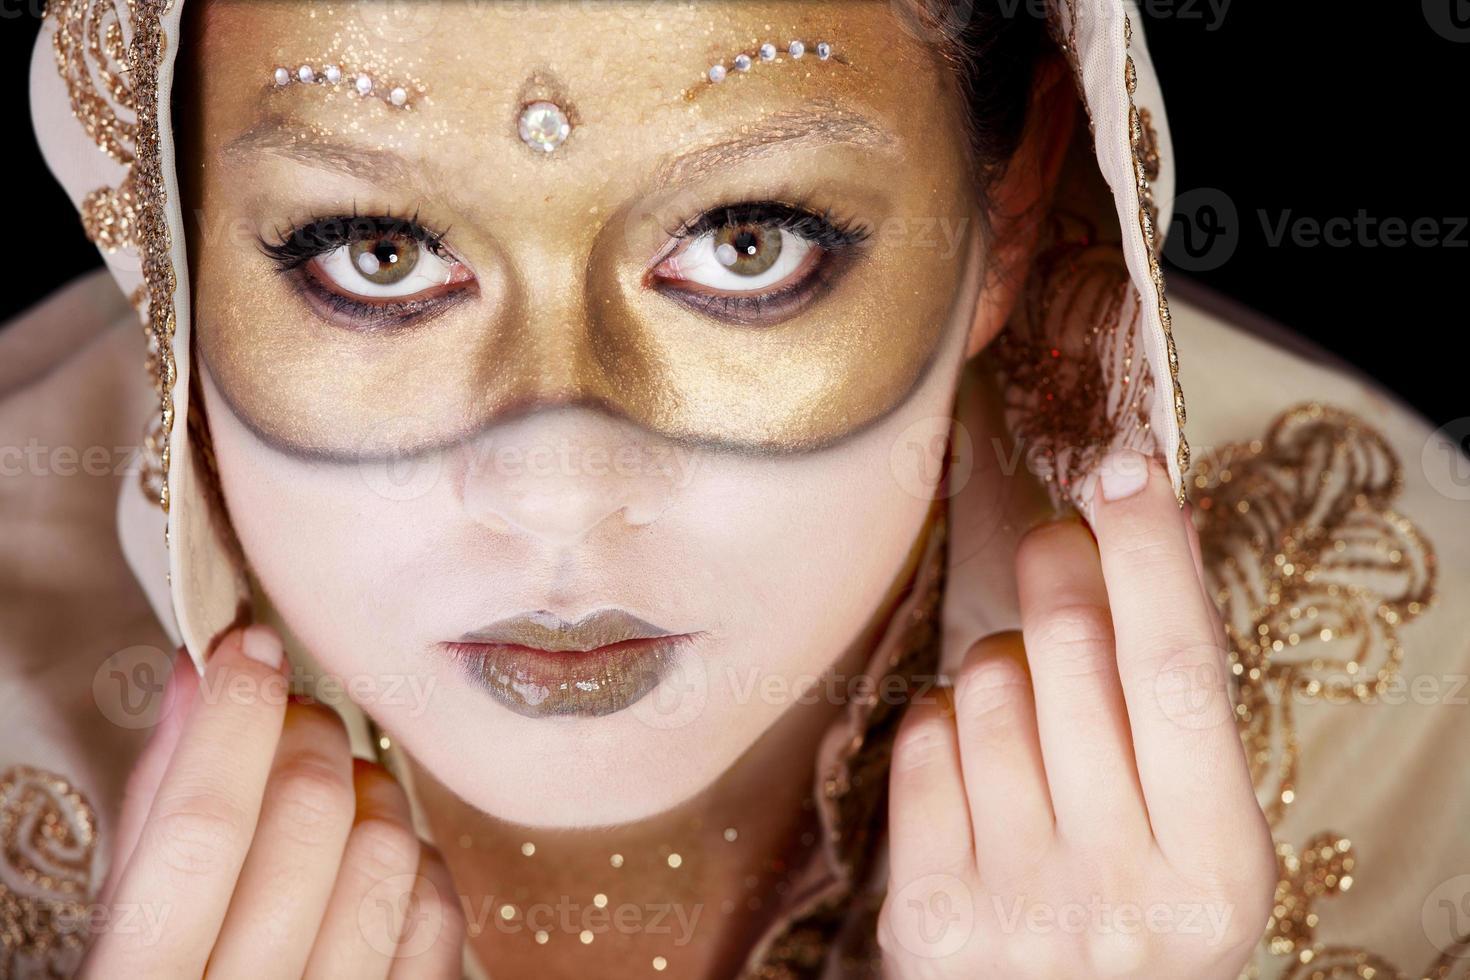 hermosa mujer joven en máscara de carnaval foto